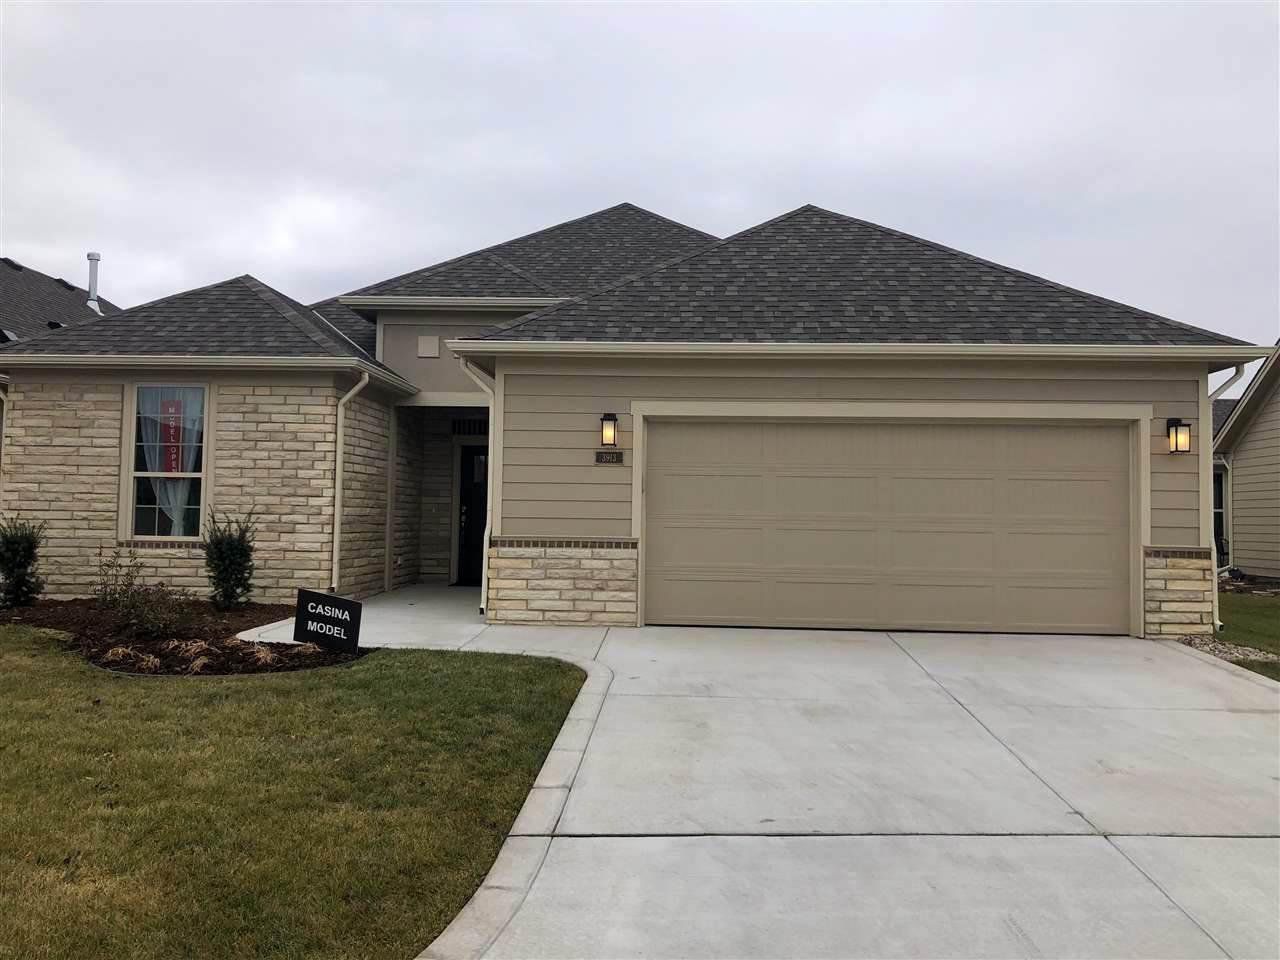 393 N Solano Ct, Wichita, KS, 67205